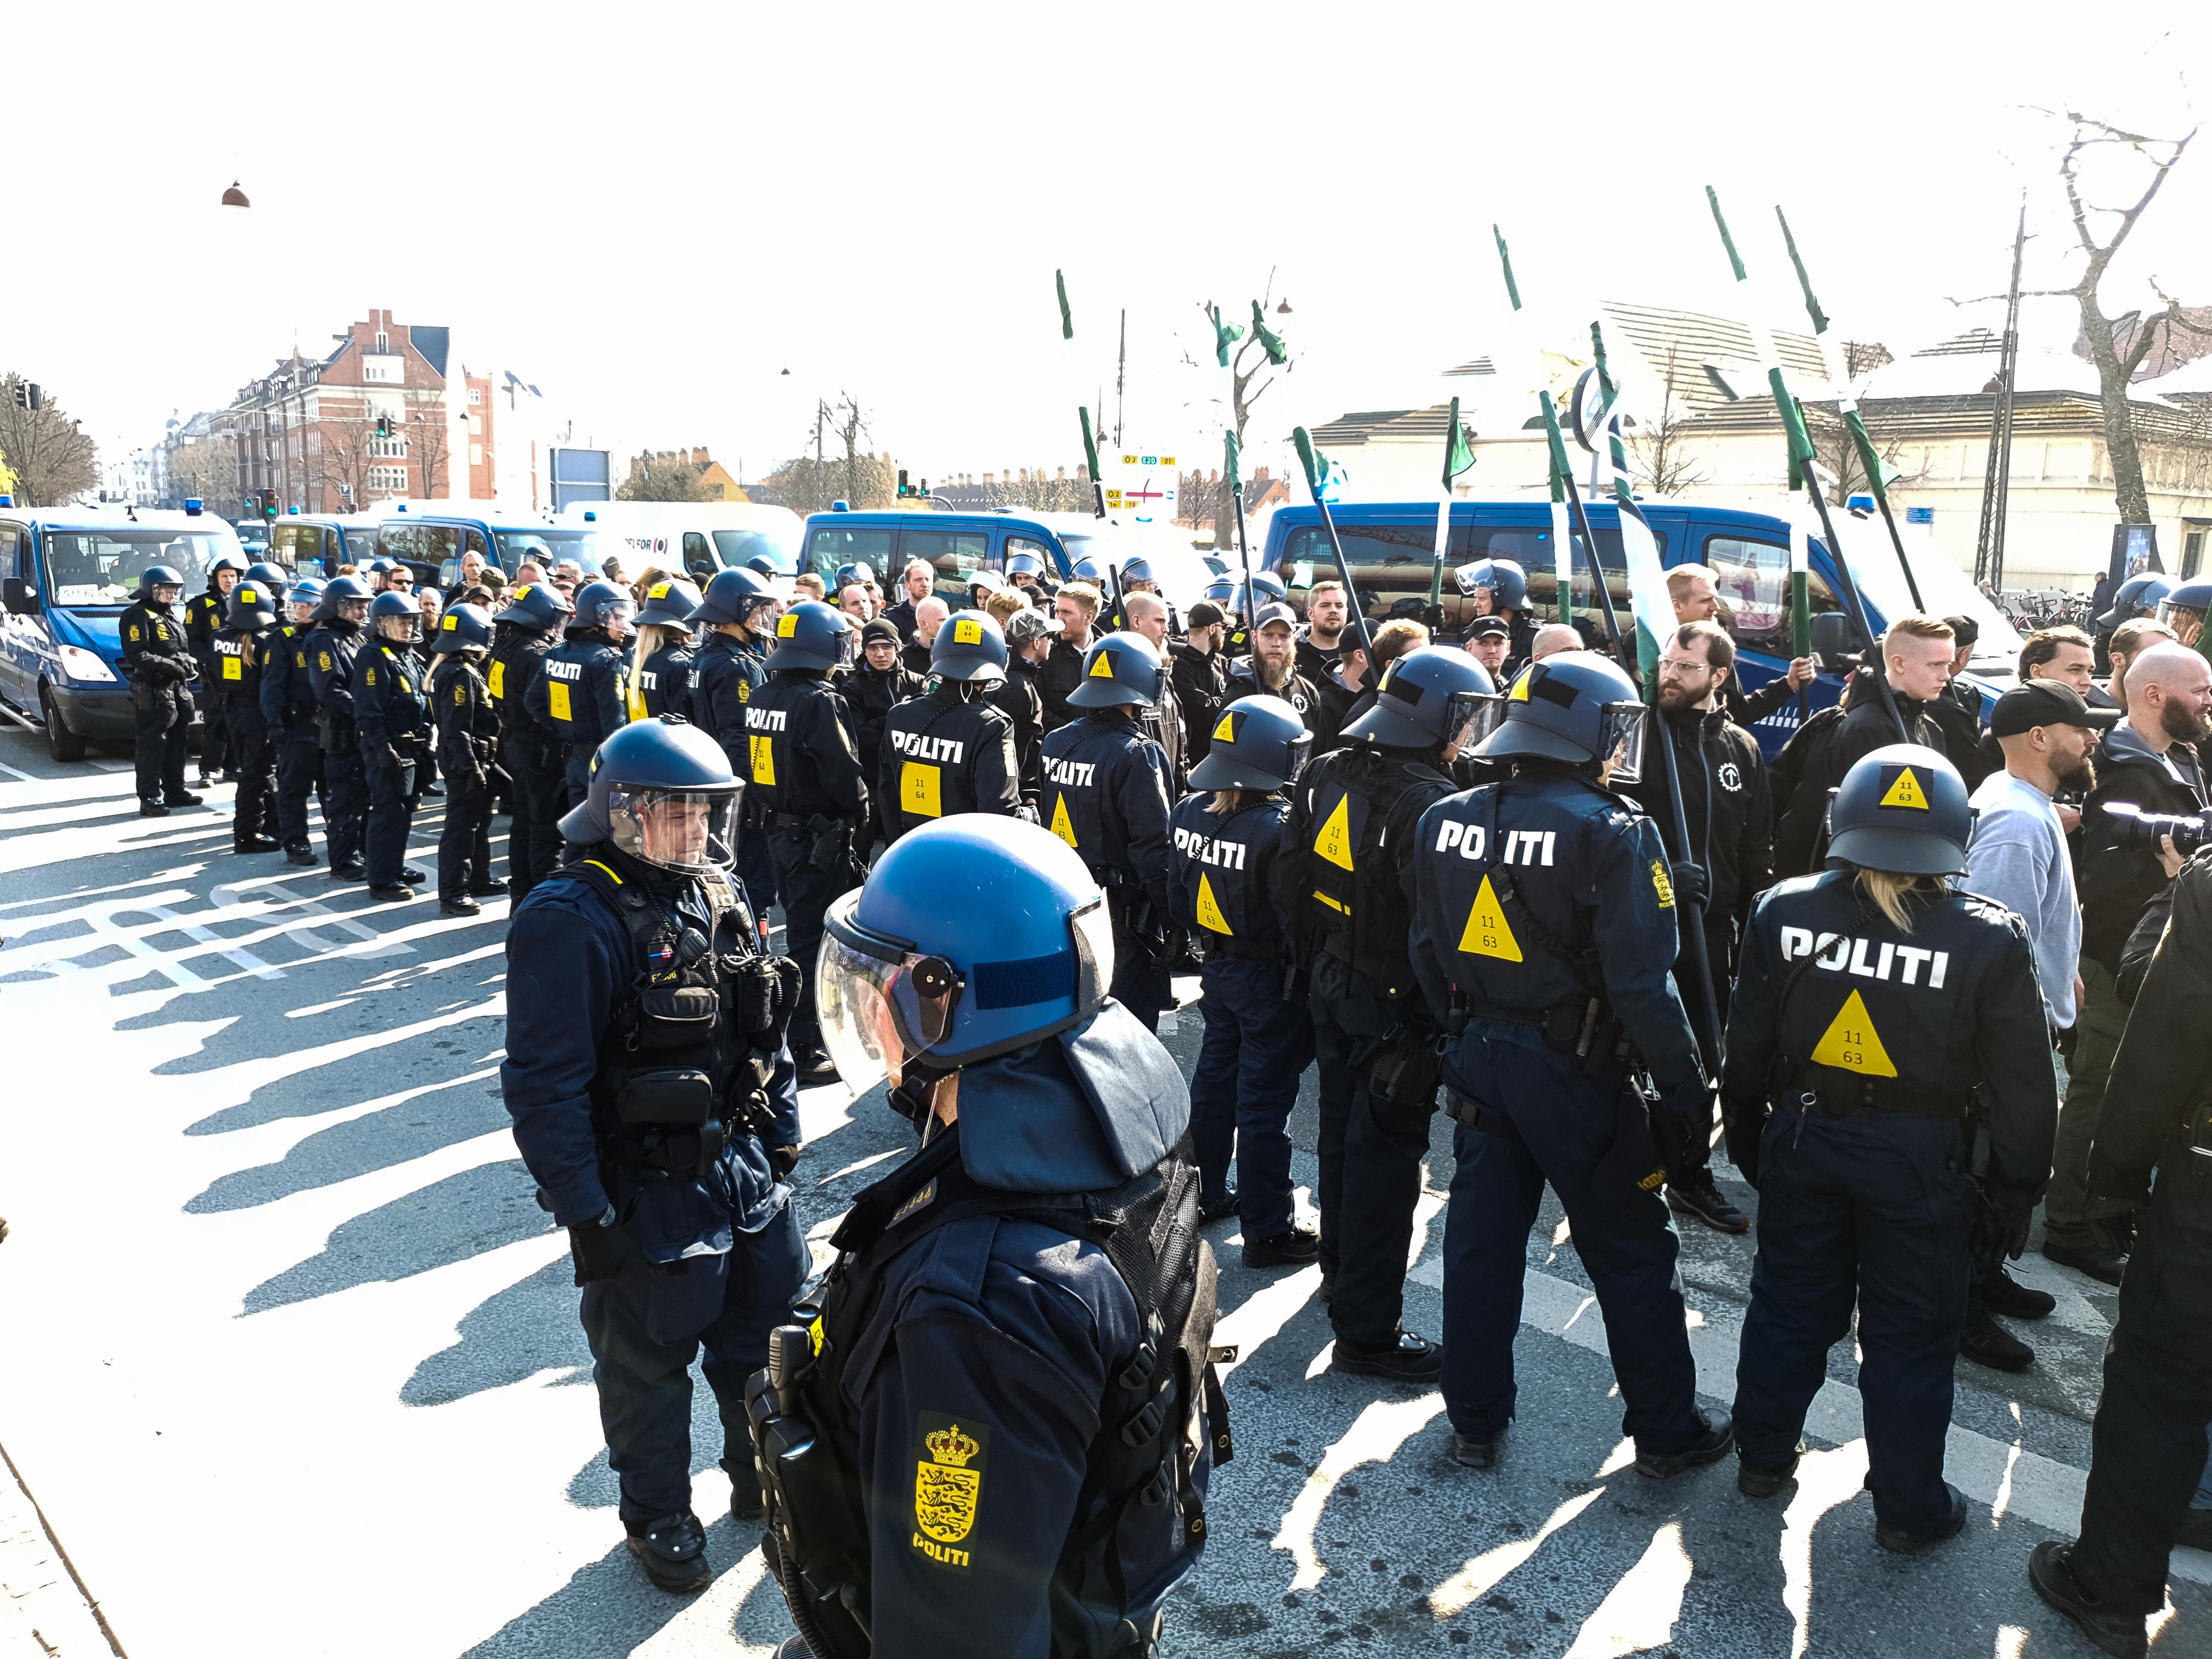 Organisationens største aktivitet i Danmark hidtil. Omkring 90 nazister, primært fra Sverige, marcherer i det centrale København. Foto: Privat.